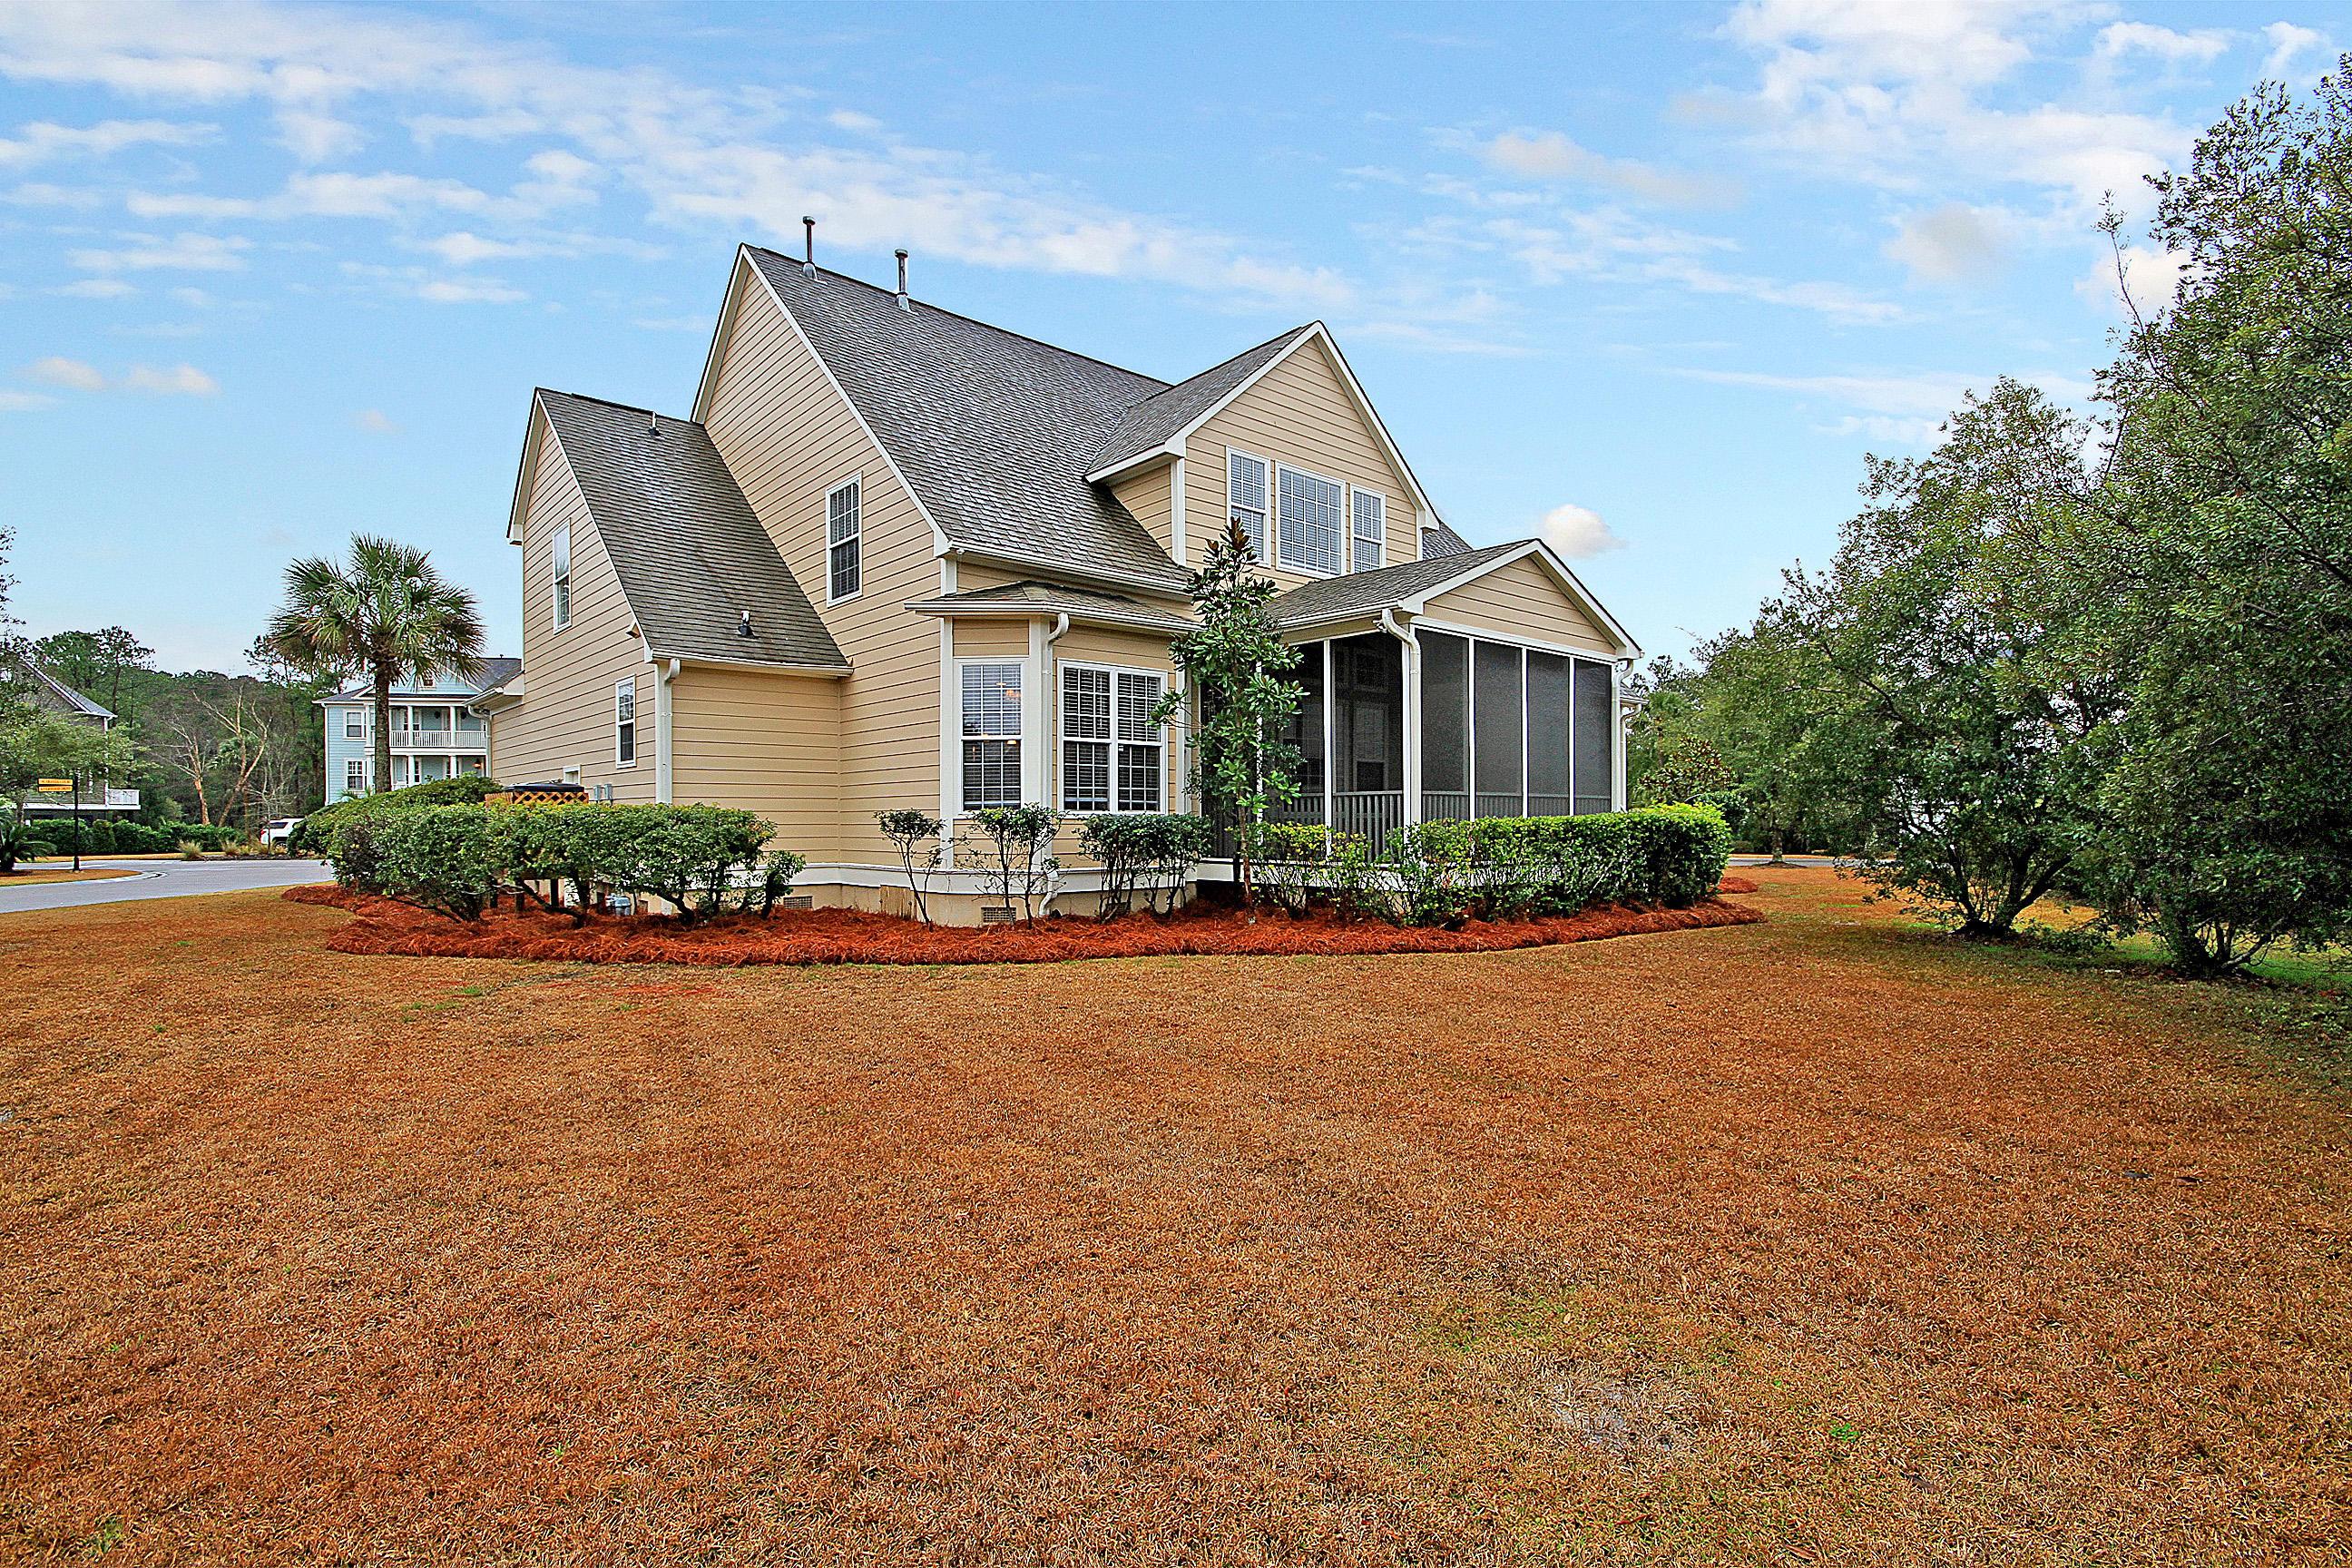 Dunes West Homes For Sale - 1501 Jacaranda, Mount Pleasant, SC - 24